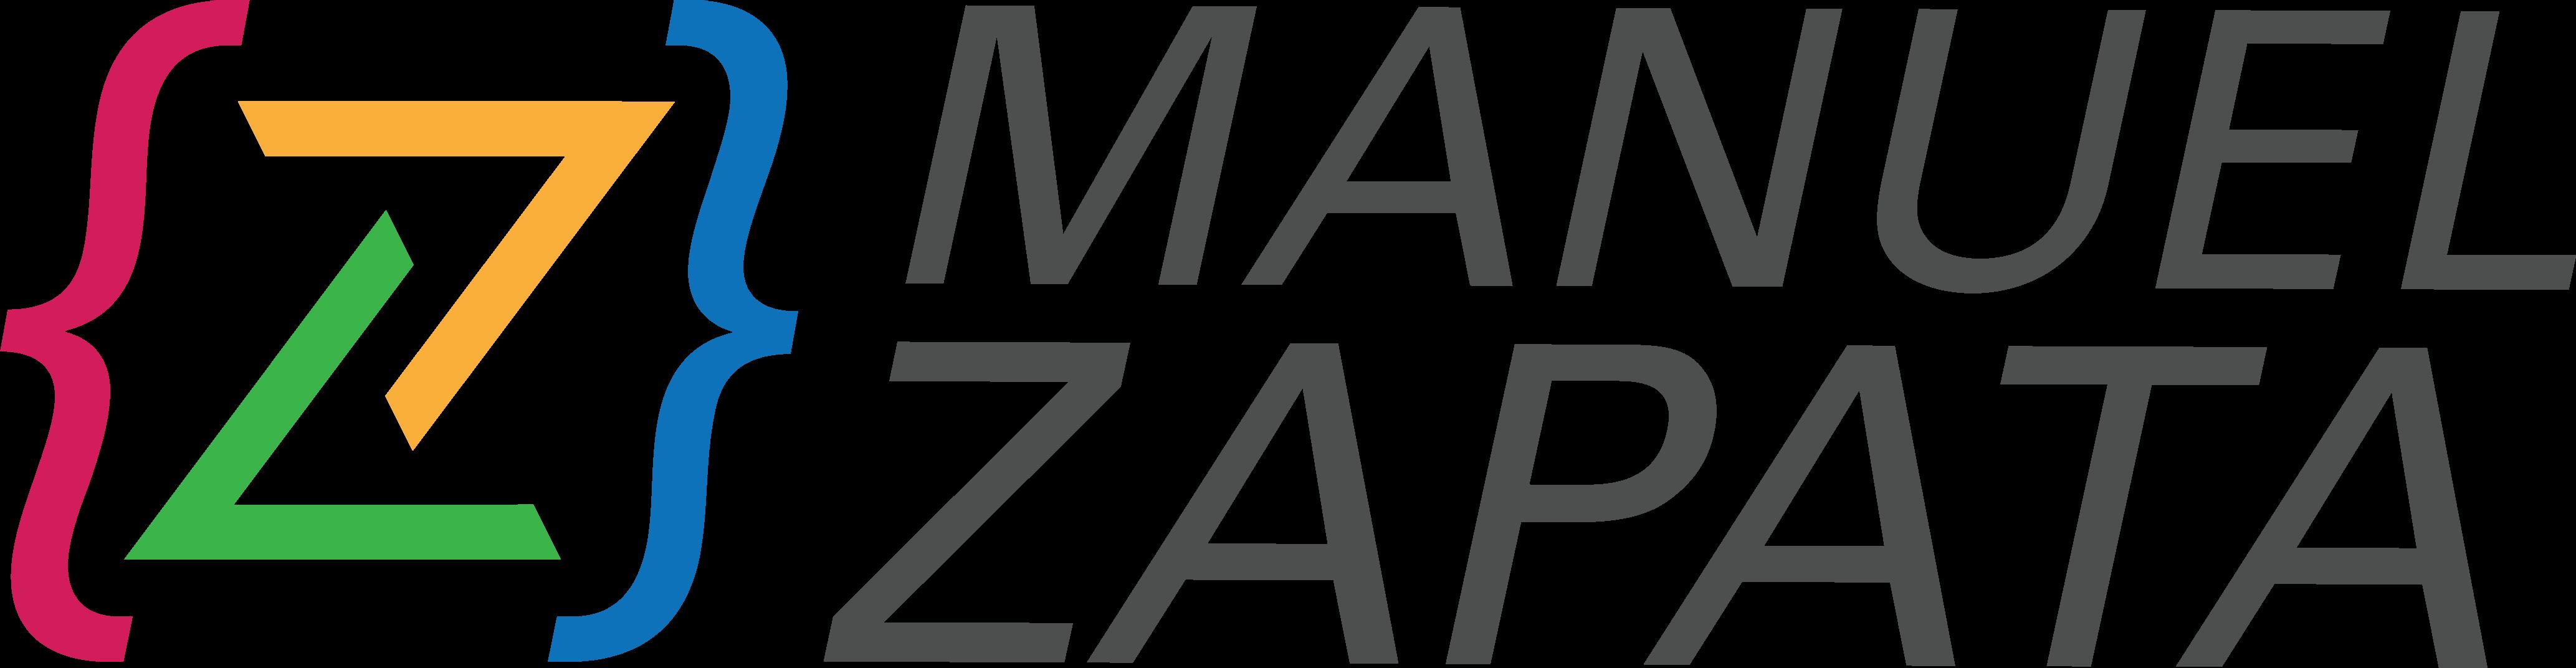 Manuel Zapata